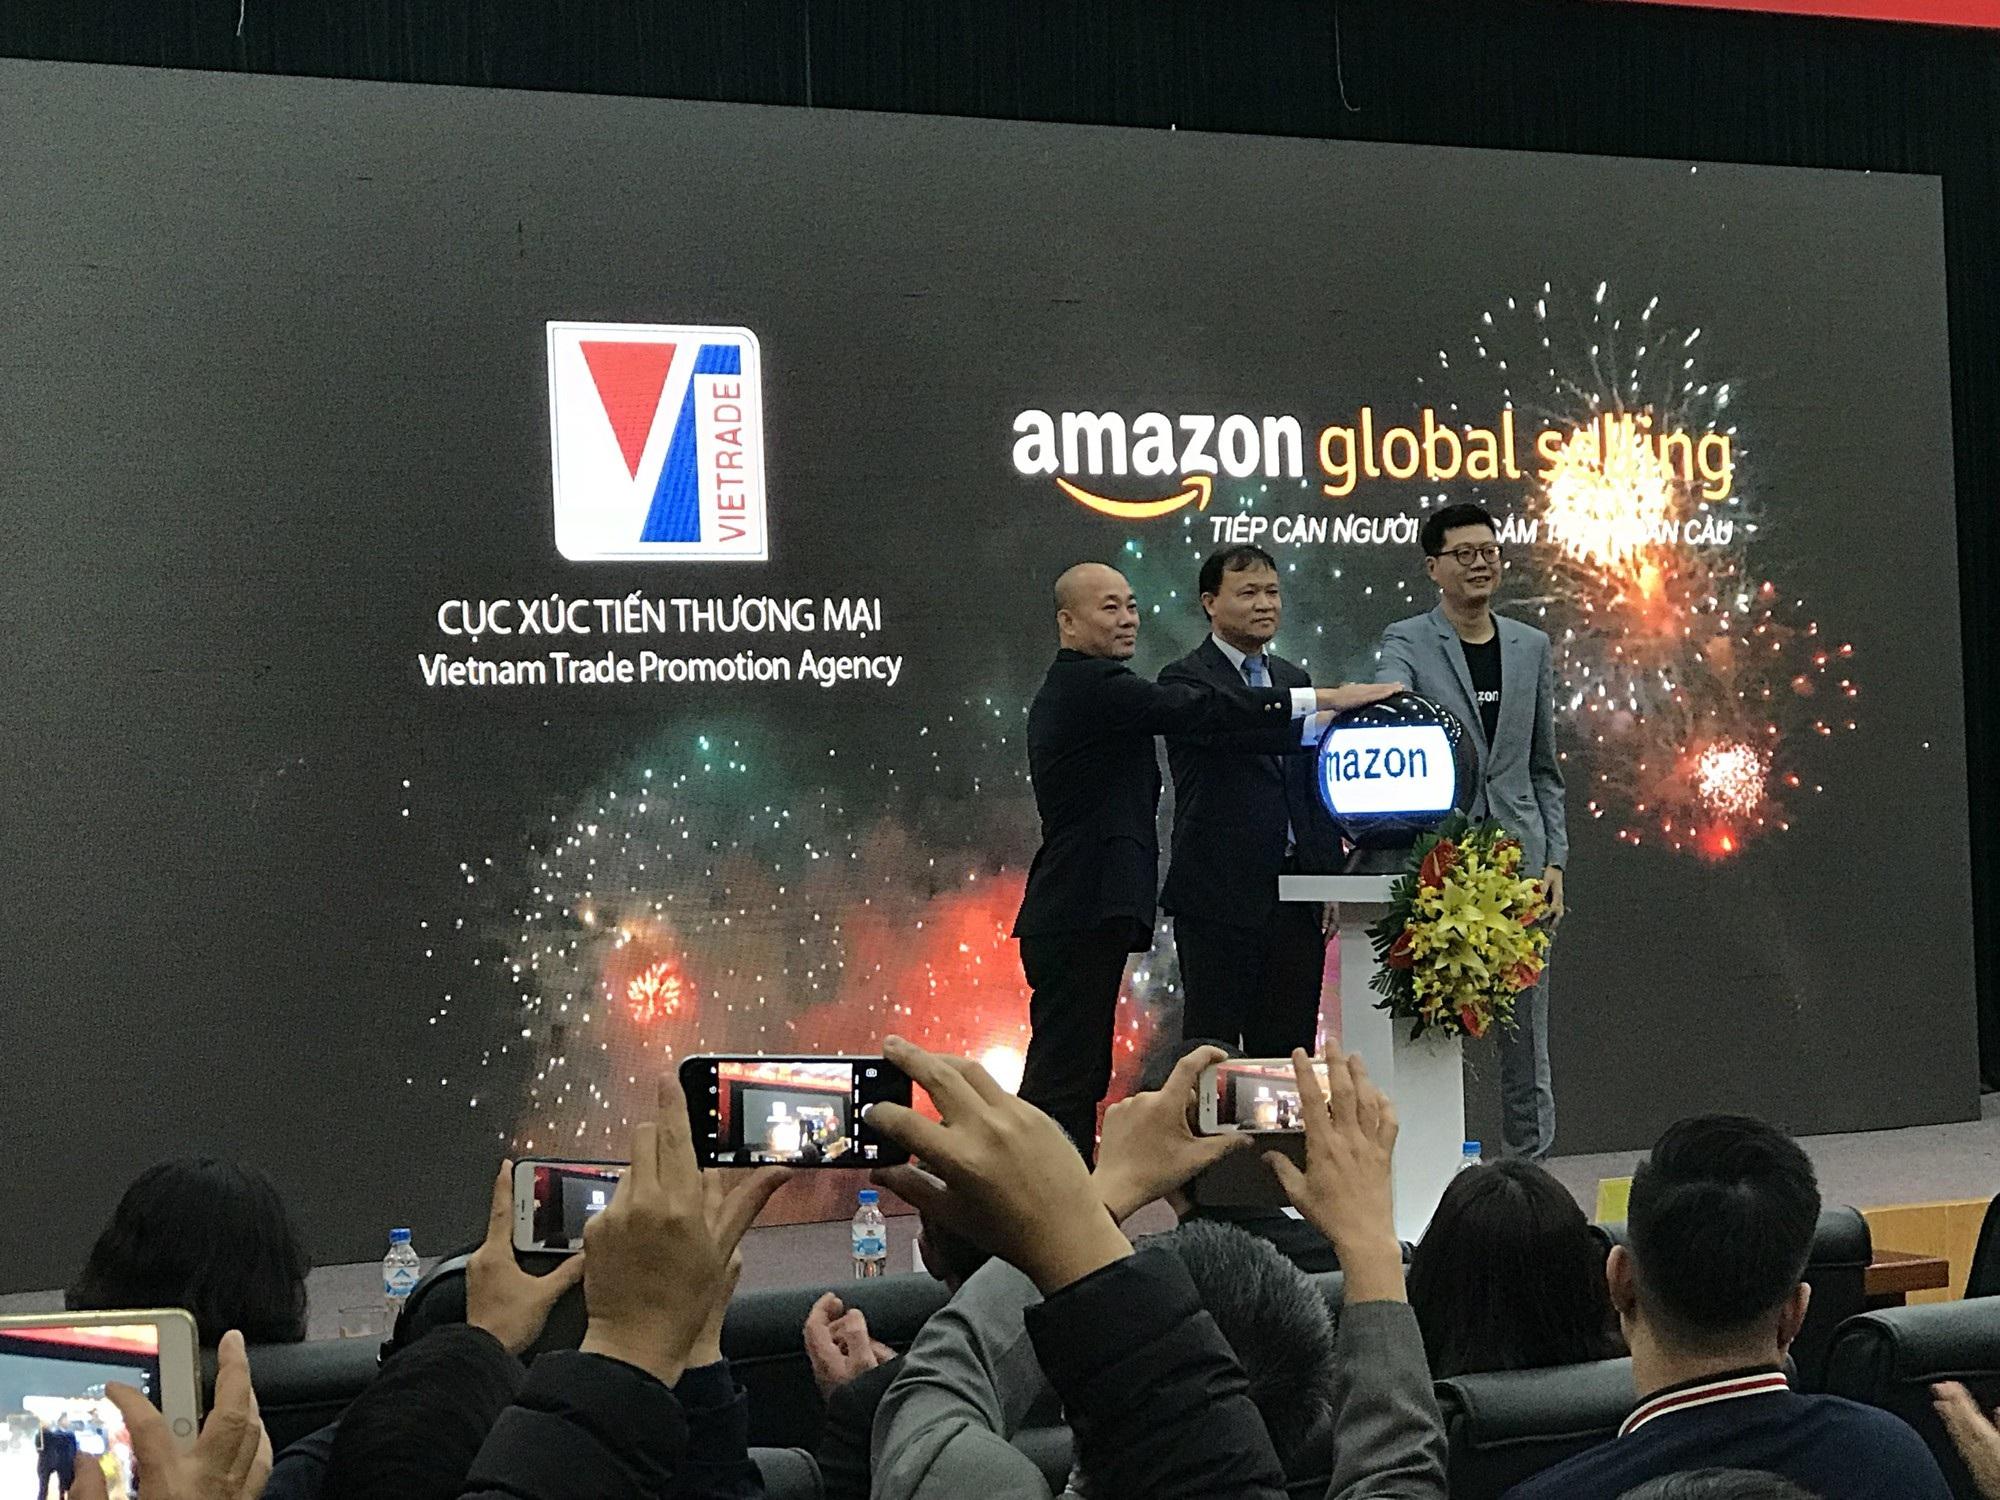 Doanh nghiệp Việt có cơ hội tiếp cận 300 triệu khách hàng trên Amazon - Ảnh 1.